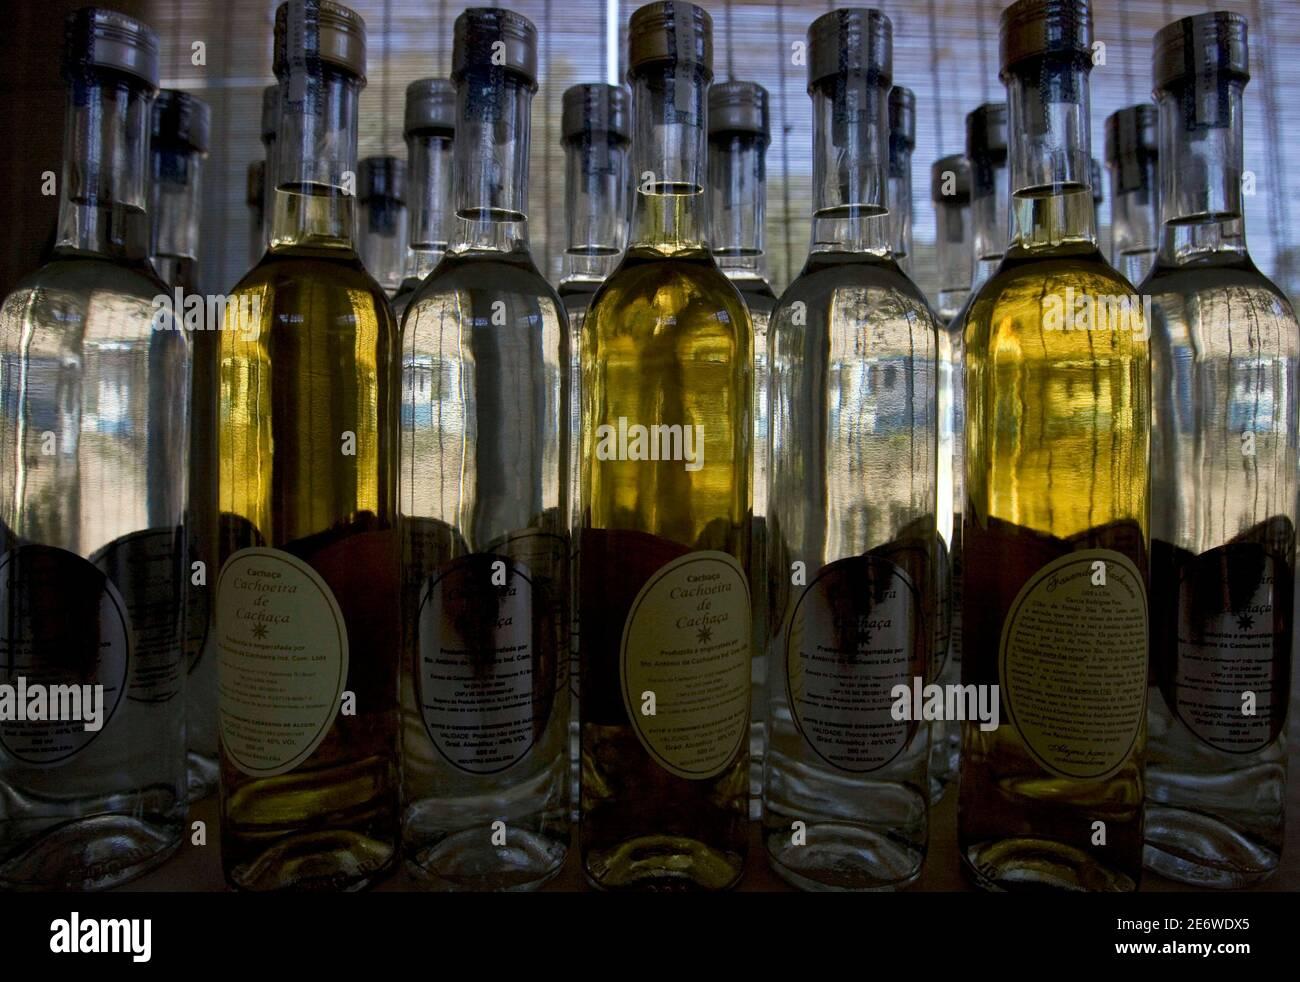 Las botellas de Cachaca se ven en una granja de micro-destilería, o alambique, a unos 150 km (93 millas) al noroeste de Río de Janeiro, 29 de agosto de 2008. Brasil produce más de 1.8 mil millones de litros de cachaca, la bebida más popular del país, cada año. REUTERS/Bruno Domingos (BRASIL) Foto de stock